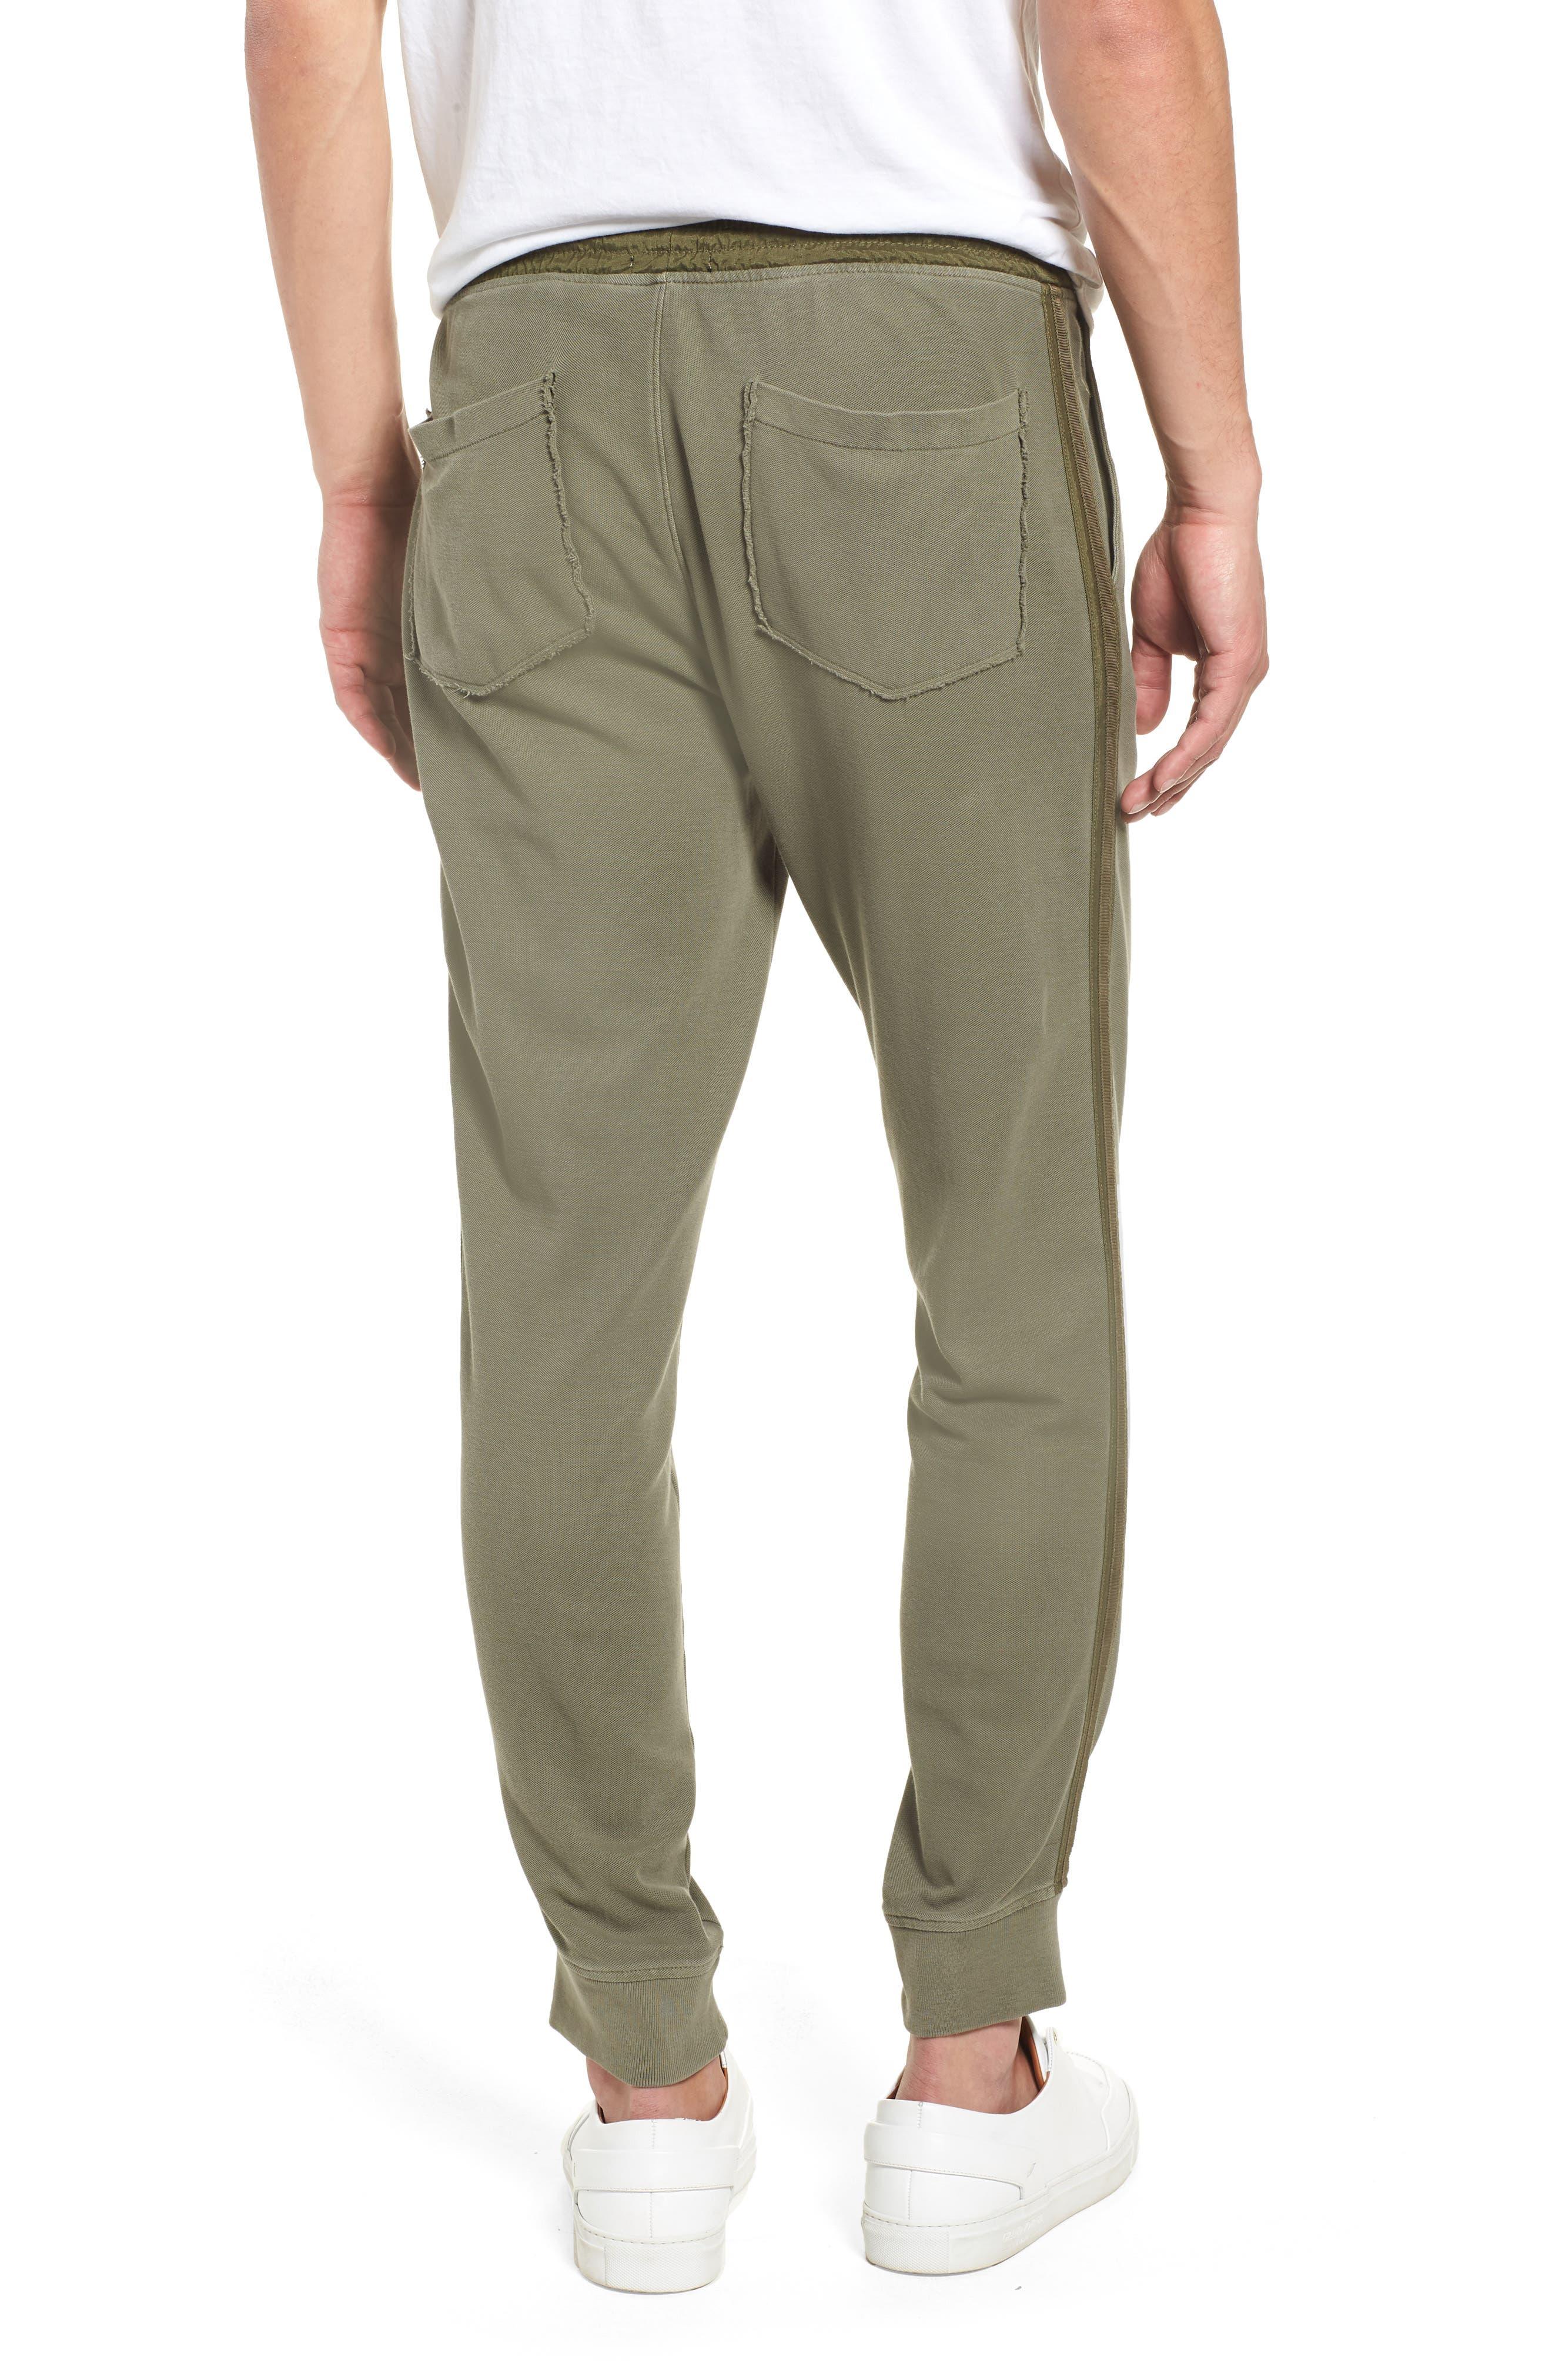 Chroma Wash Regular Fit Piqué Pants,                             Alternate thumbnail 2, color,                             331